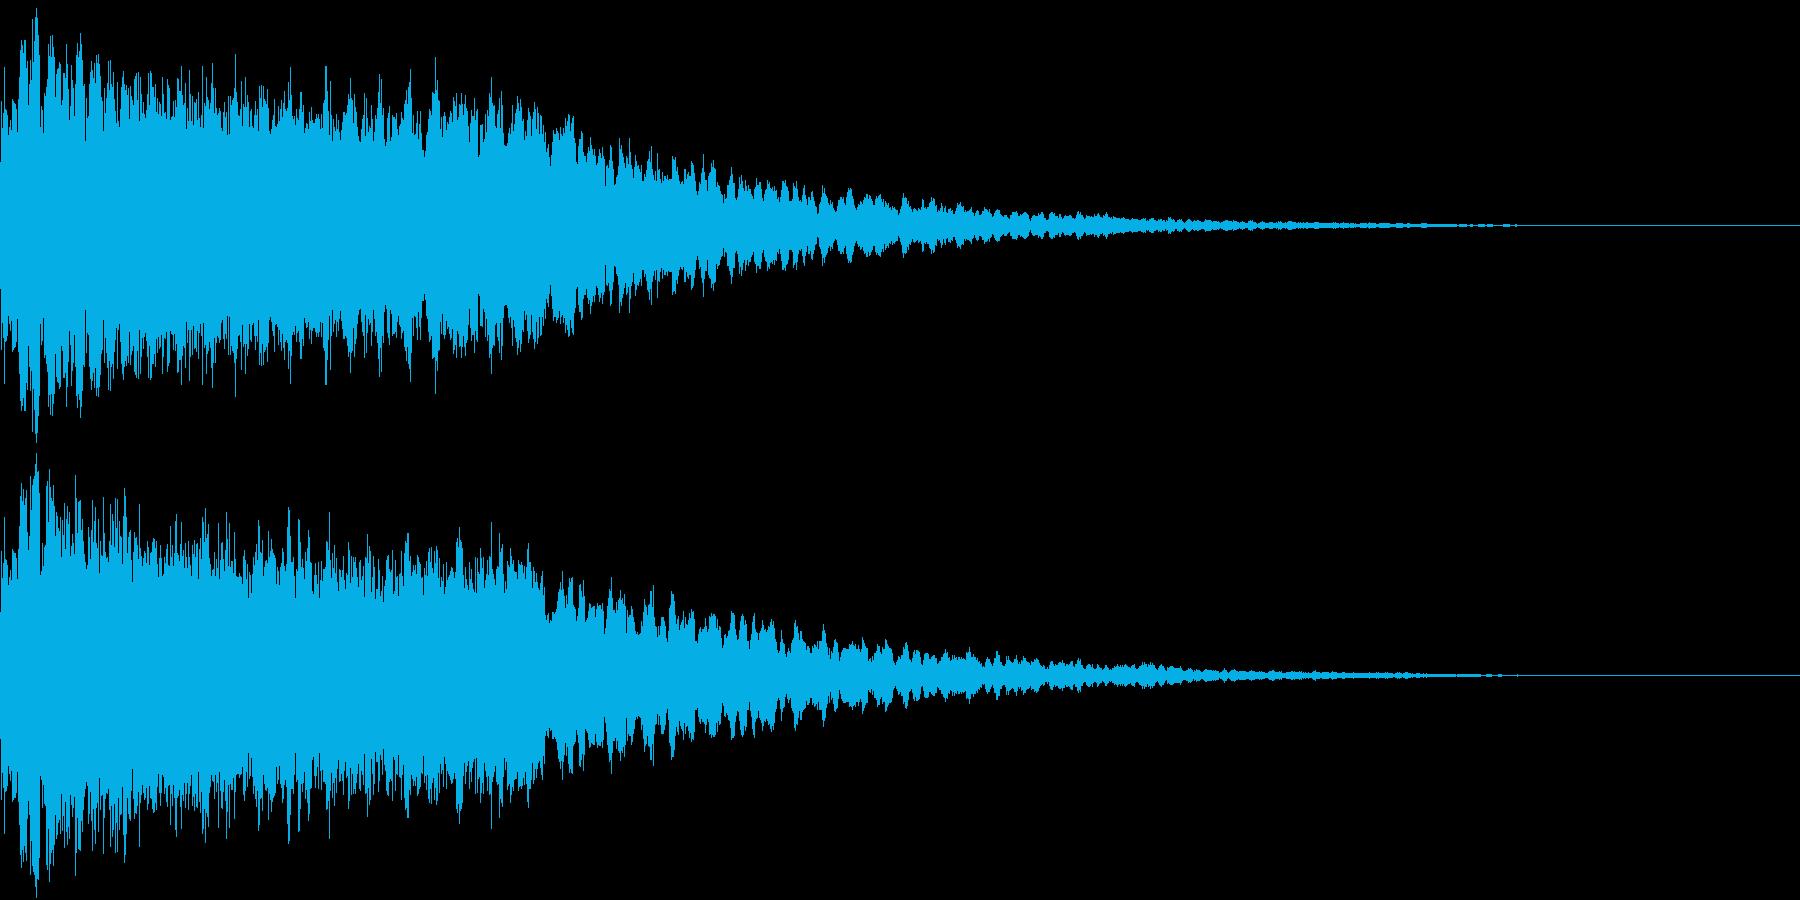 キュイン シャキン キラリン ピカン 2の再生済みの波形